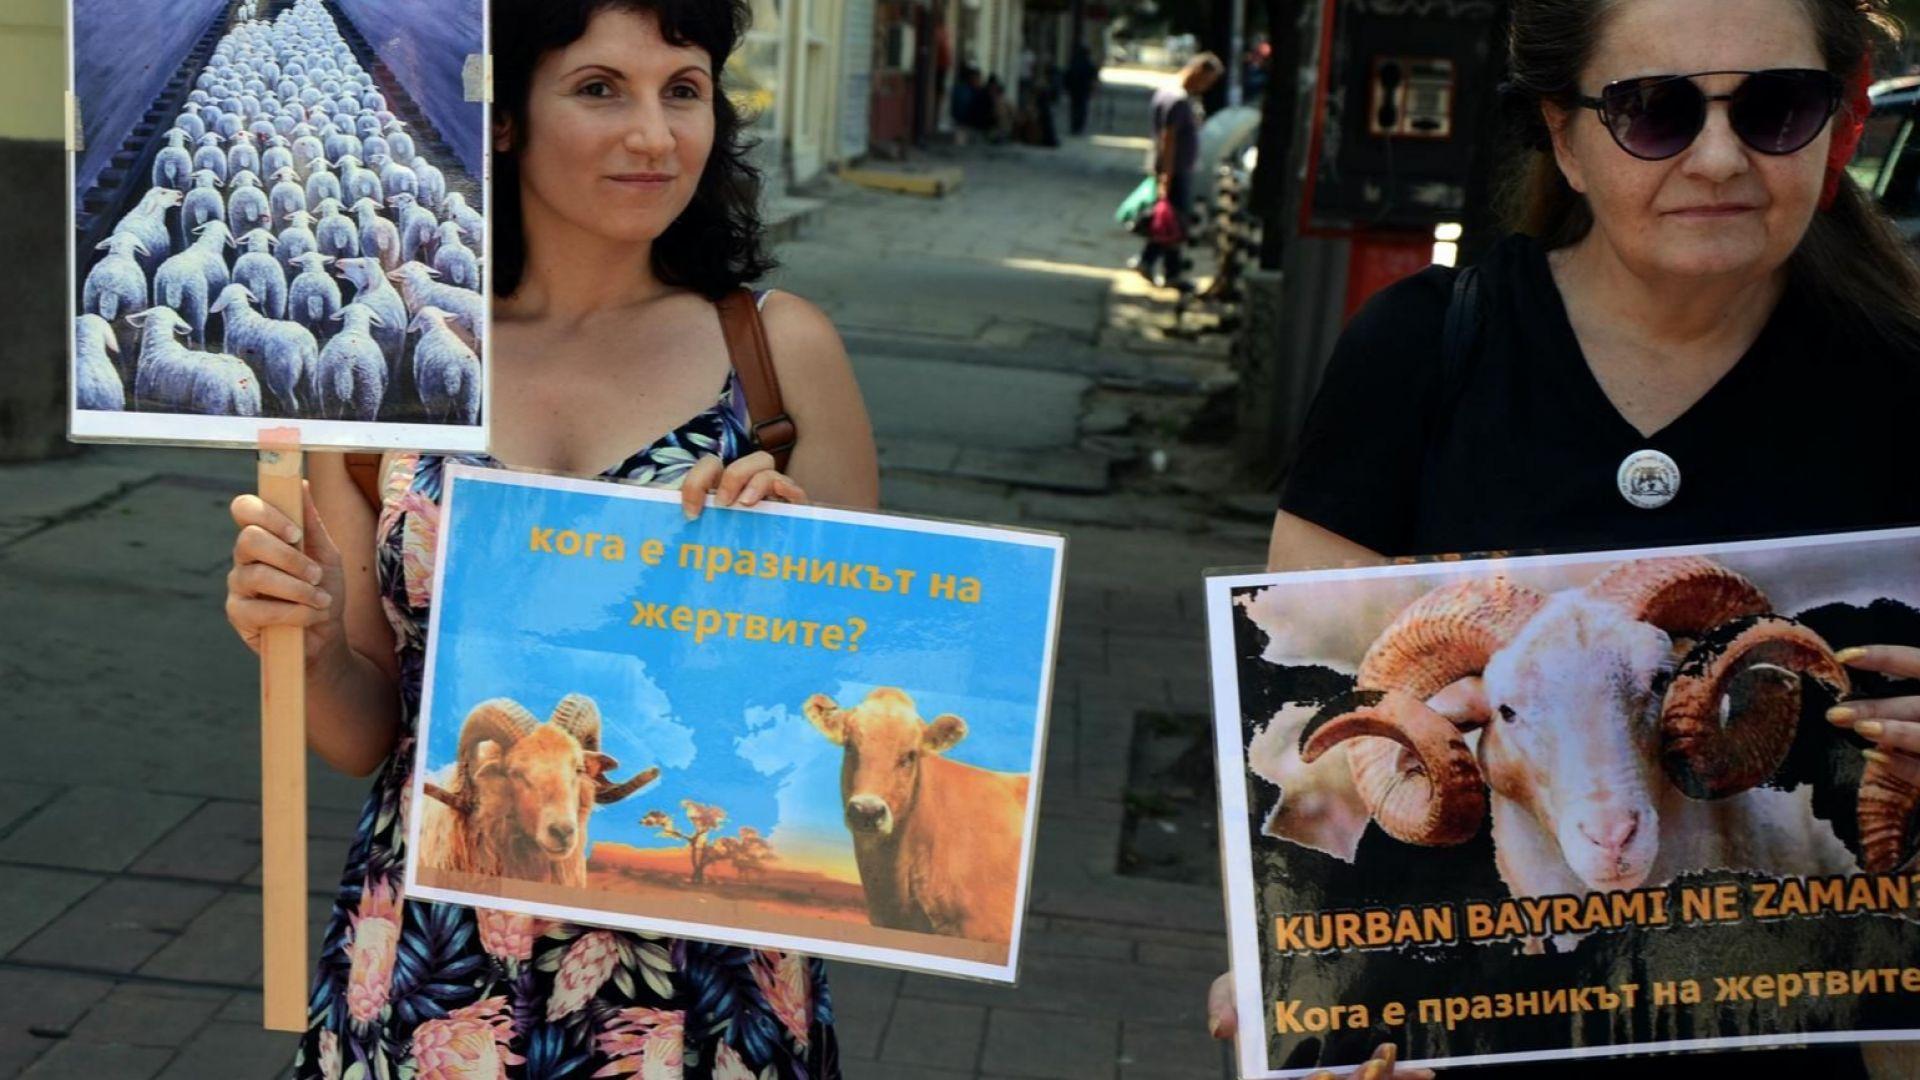 Вегани протестираха срещу коленето на животни за Курбан байрама